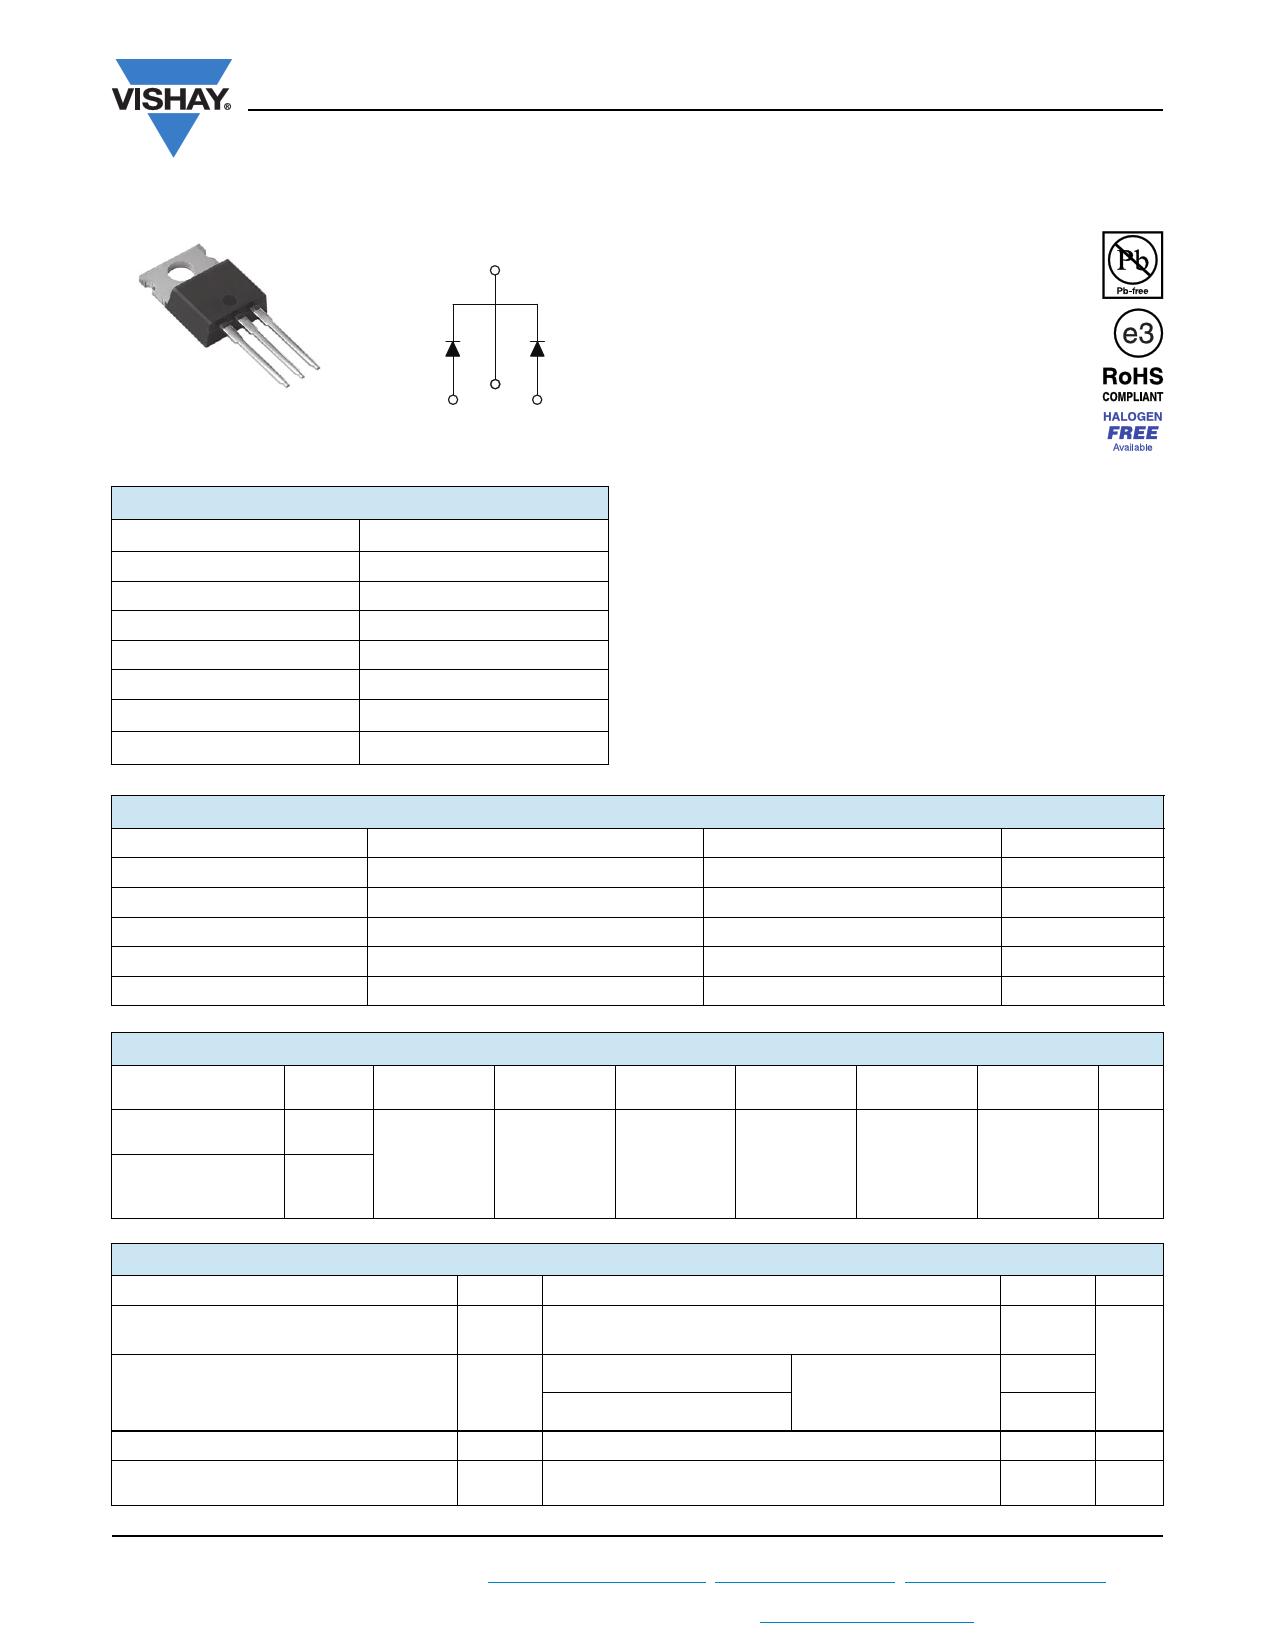 VS-20CTQ035-N3 datasheet